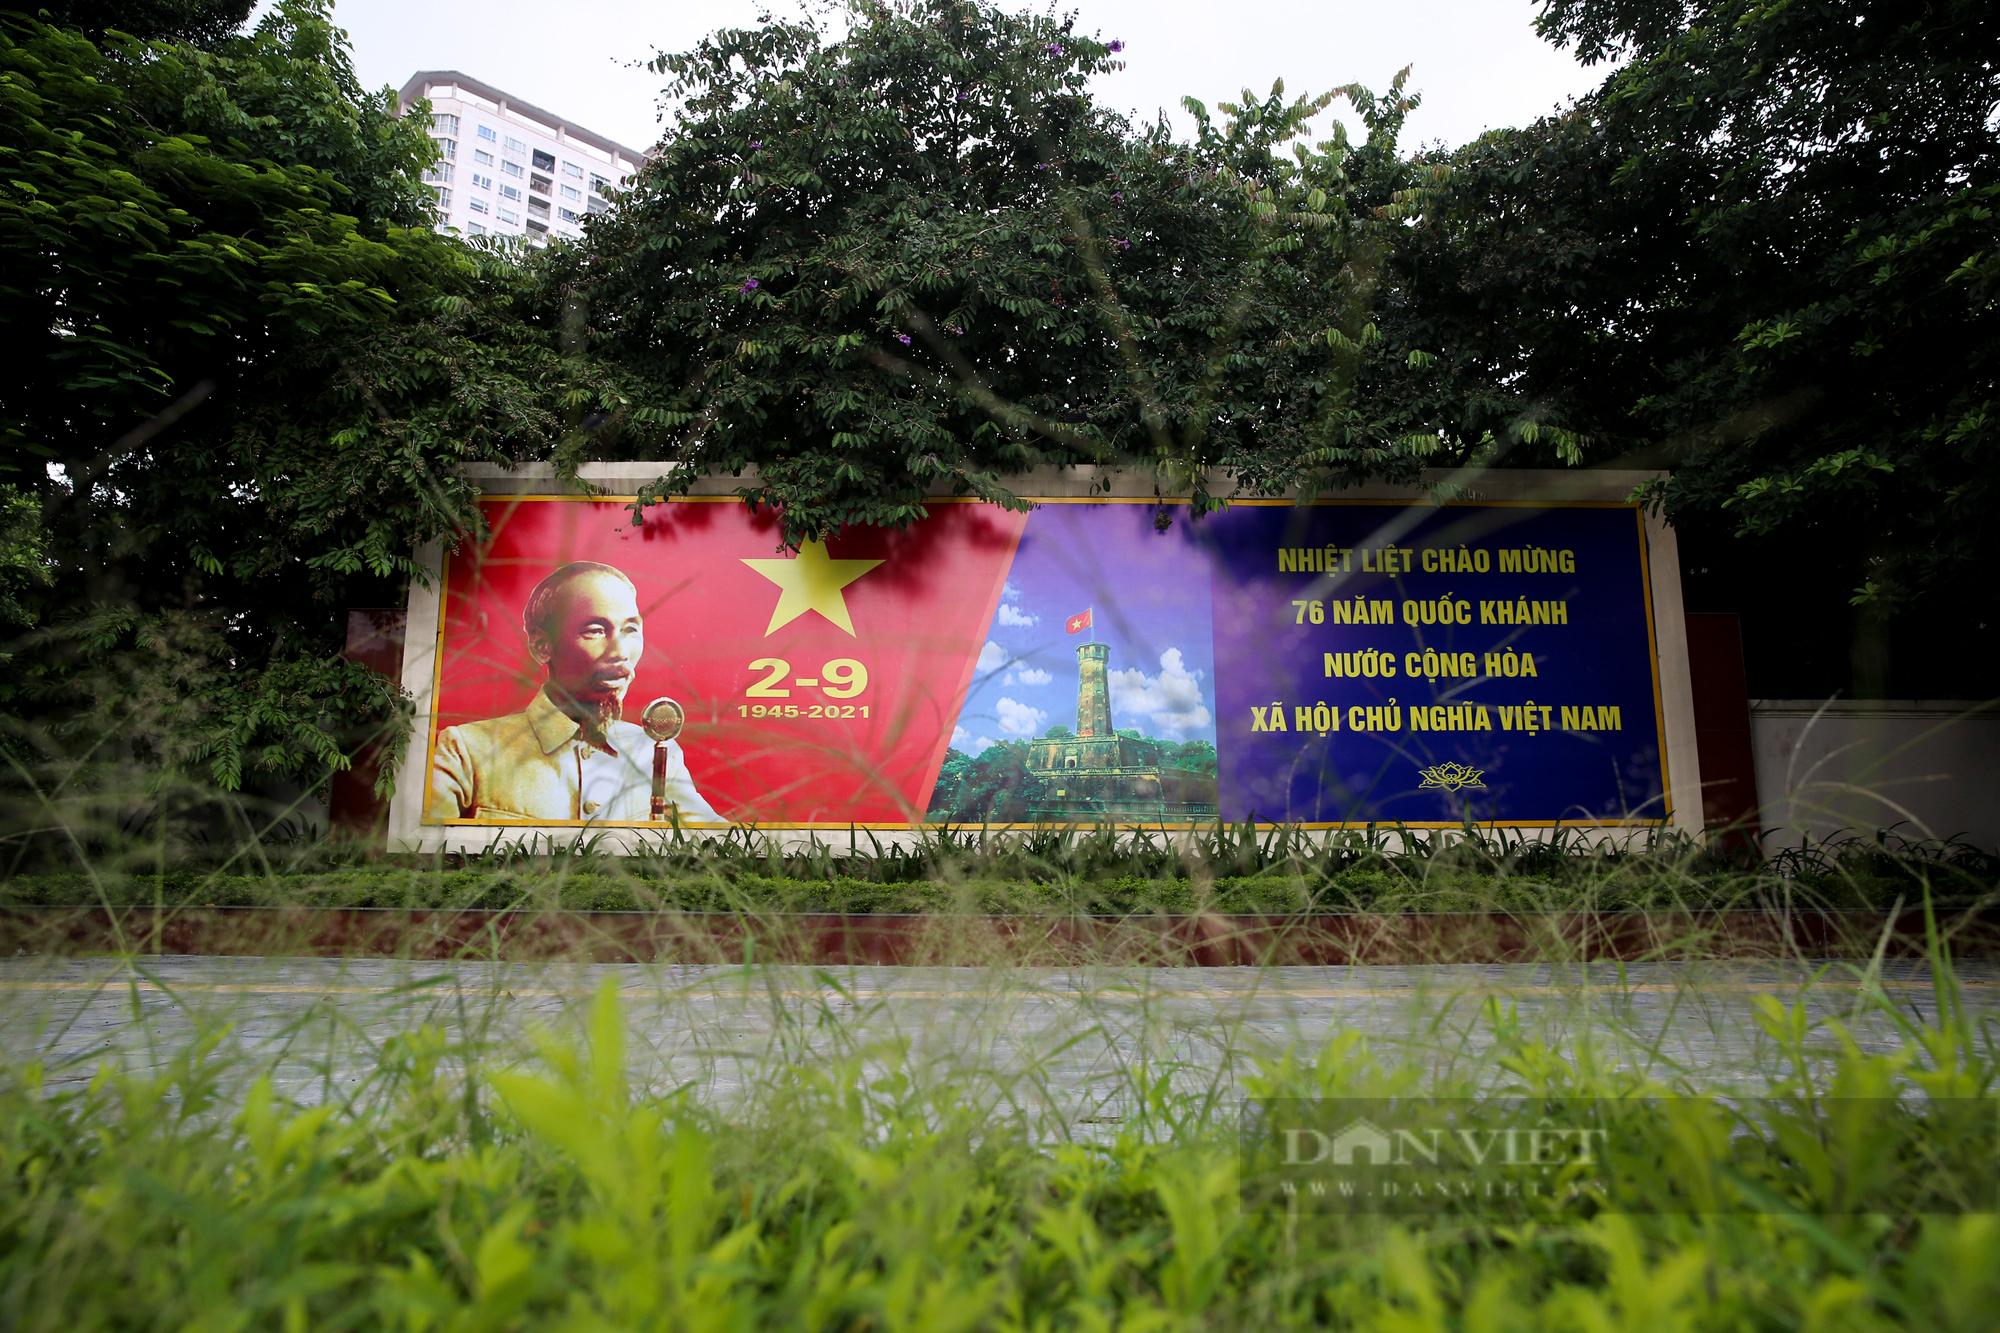 Đường phố Hà Nội rực rỡ sắc đỏ chào mừng Quốc khánh 2/9 - Ảnh 7.